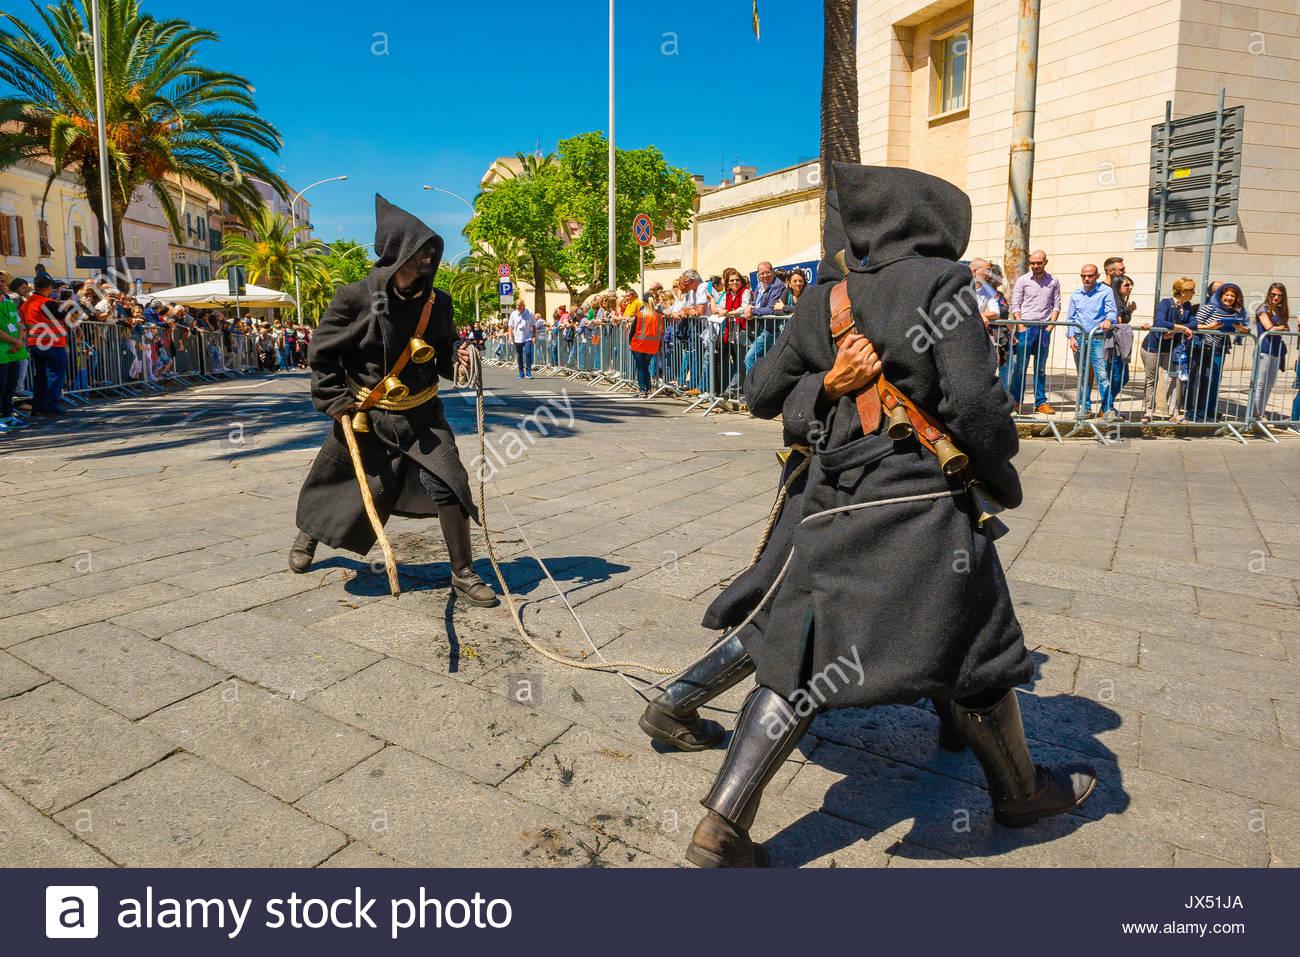 Sardinien festival Cavalcata, einer Gruppe von vermummten Männer beteiligen sich an der großen Prozession Cavalcata in Sassari, Sardinien. Stockbild